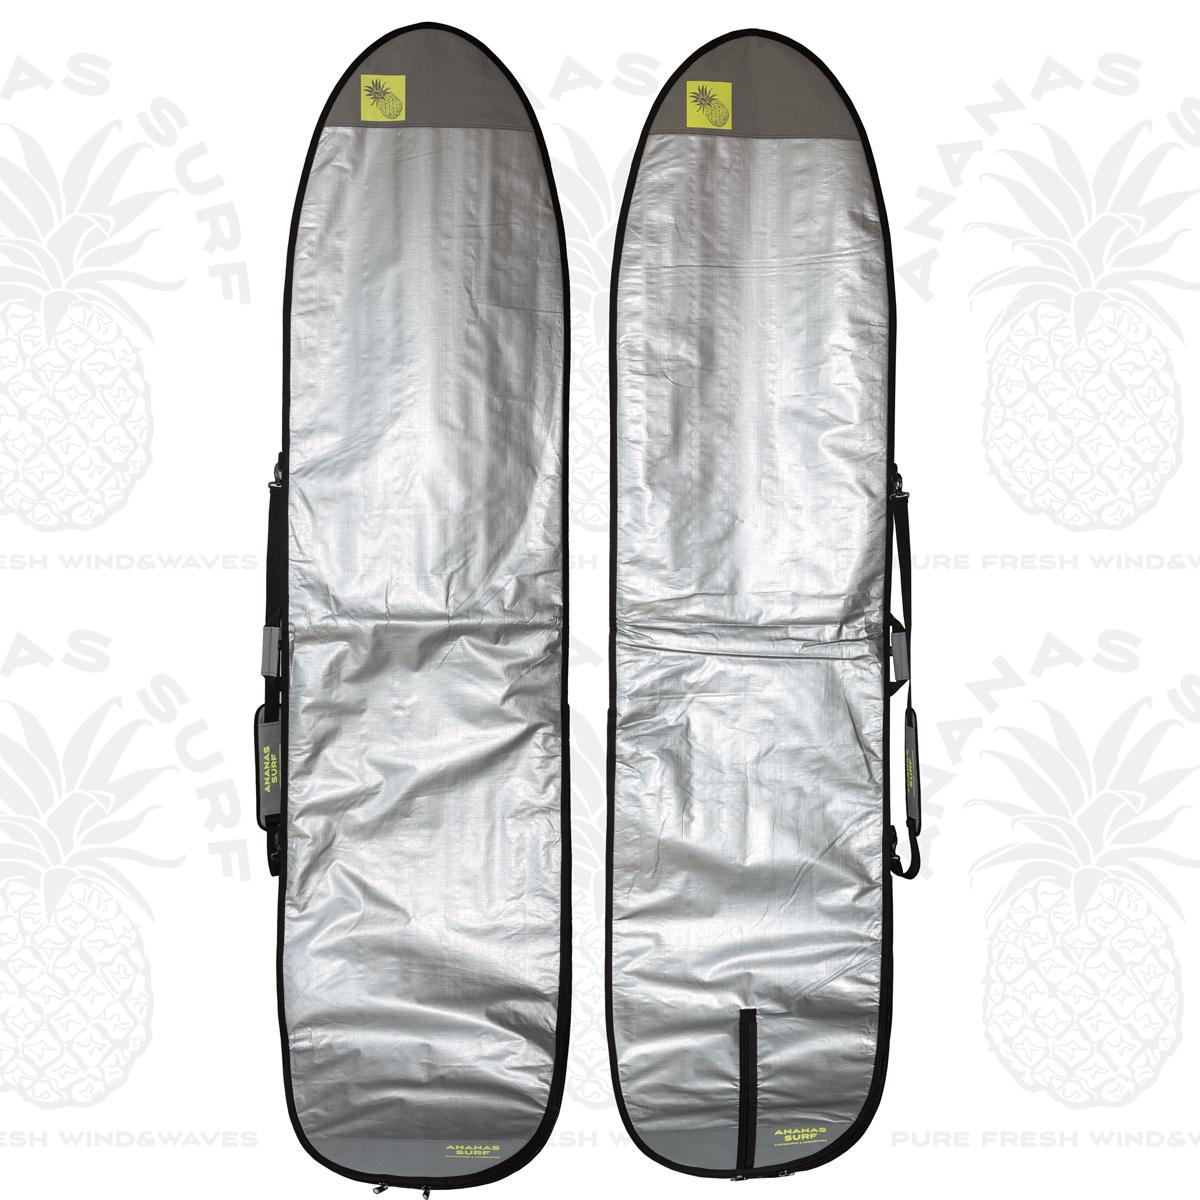 ANANAS SURF сумка 9 футов / 9 футов 6 длинная панель пакет Сумка серфинга панель Задняя часть пакет Серия 2018